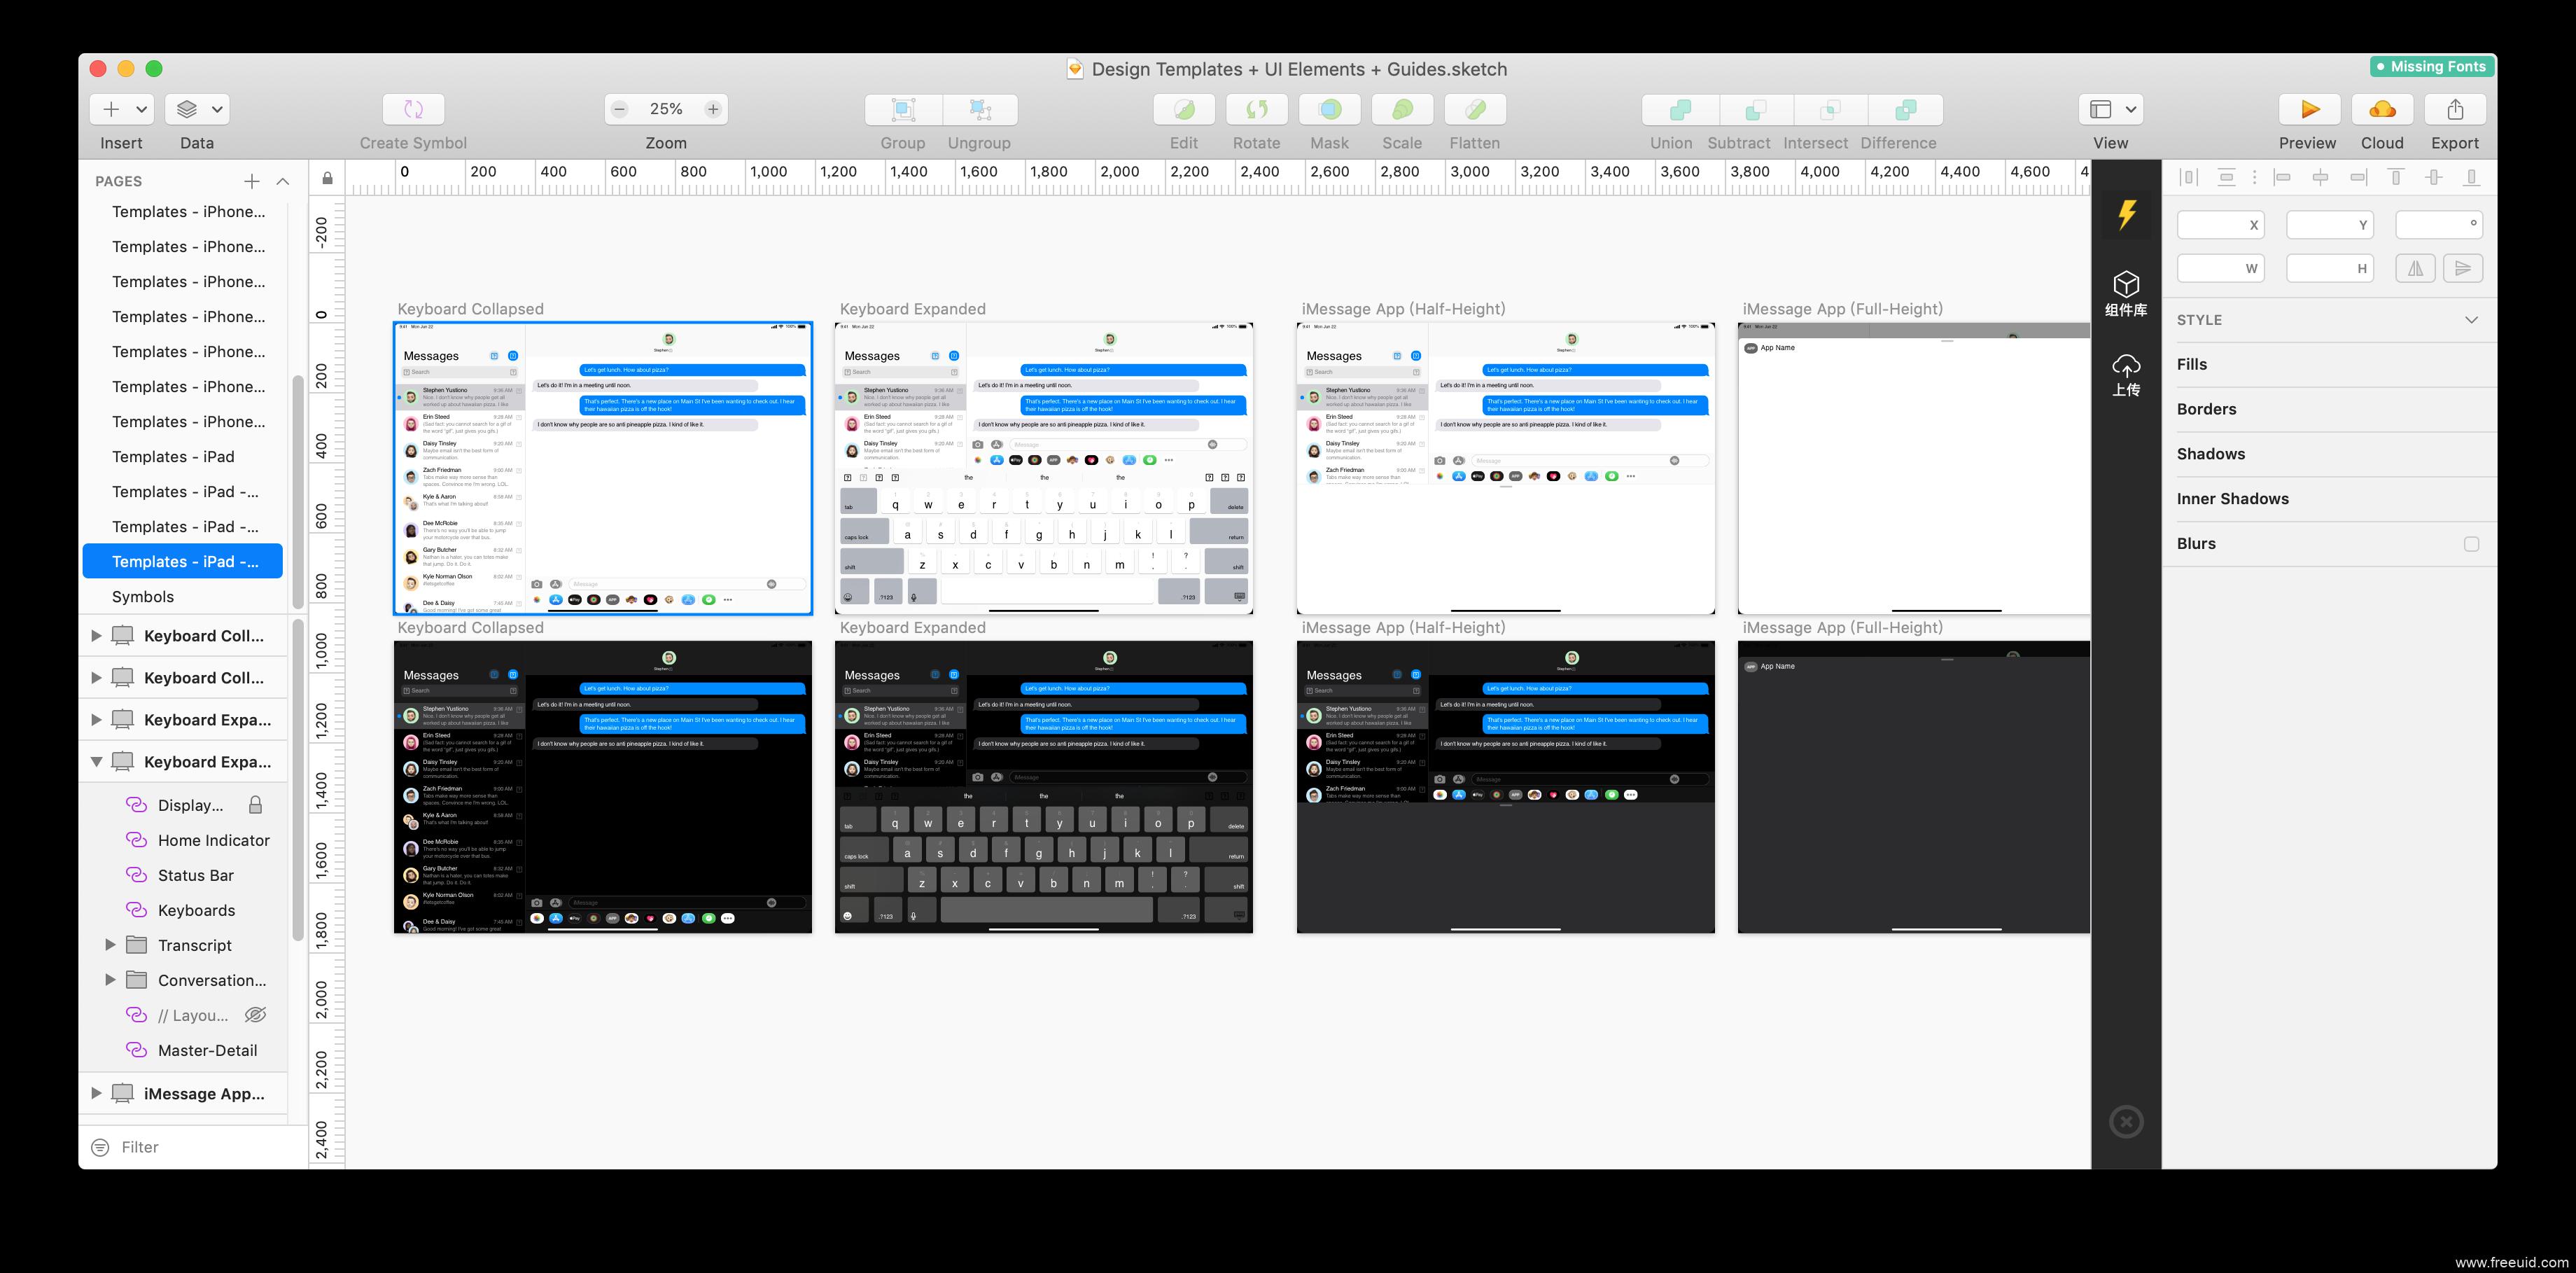 苹果官方IOS 14 GUI uikit .sketch素材下载